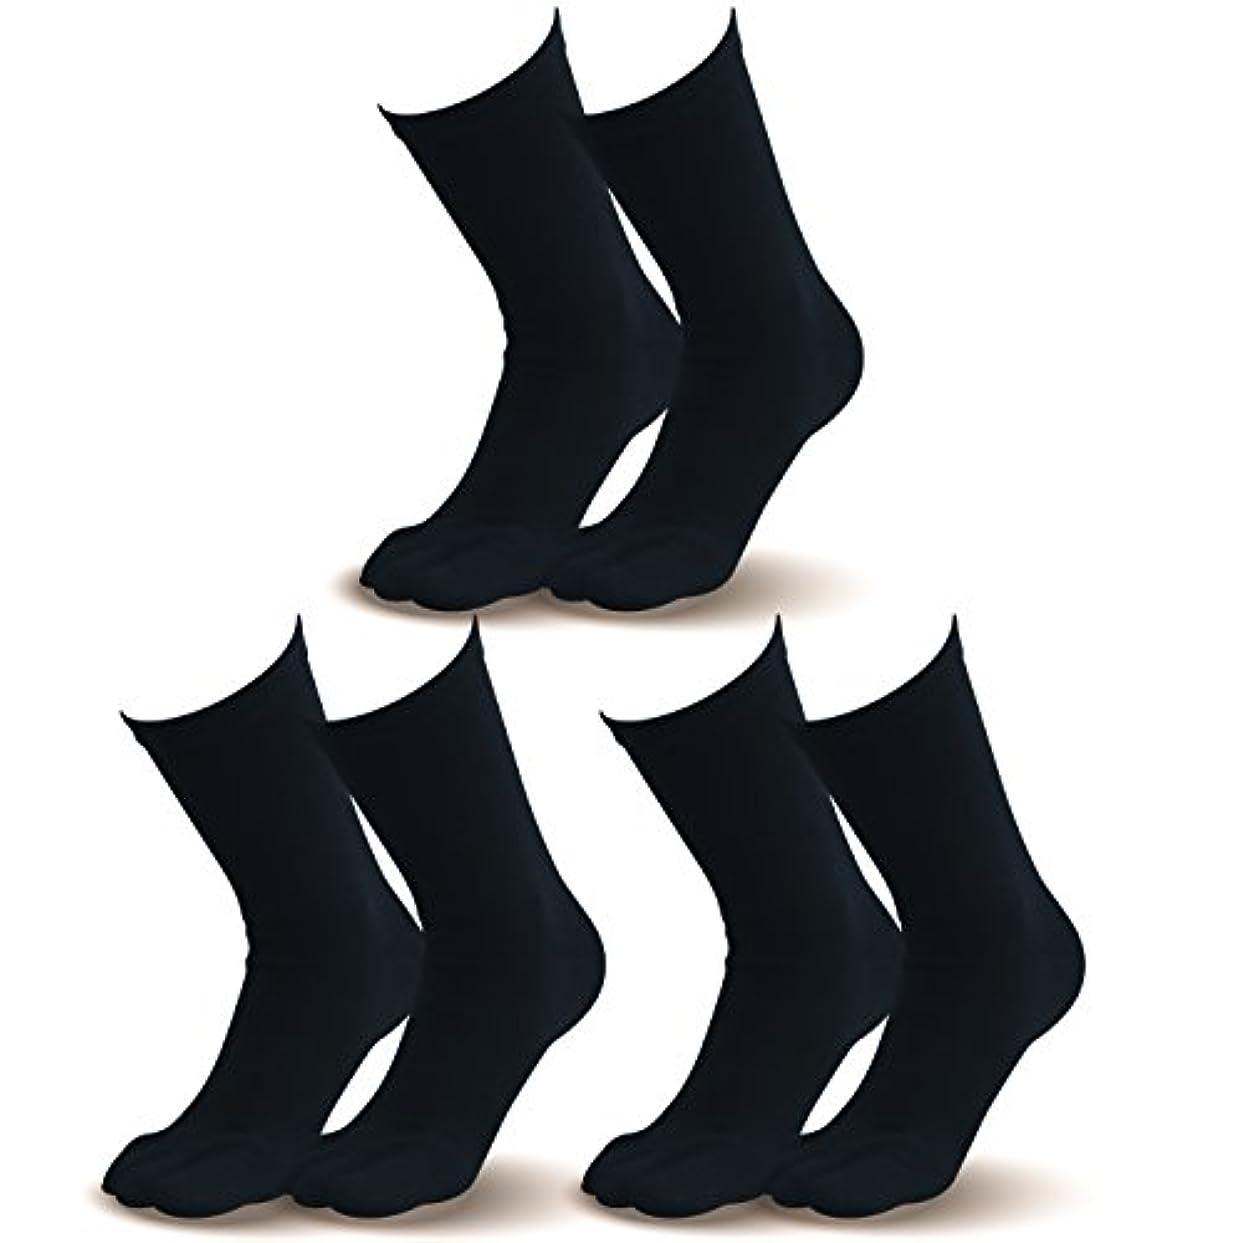 信念アフリカ共和国【指先まであったか靴下】とってもお得な ブラック3足組  温かい 暖かい 遠赤外線加工 セラミック 伸びる 外反母趾対策 健康 5本指ソックス